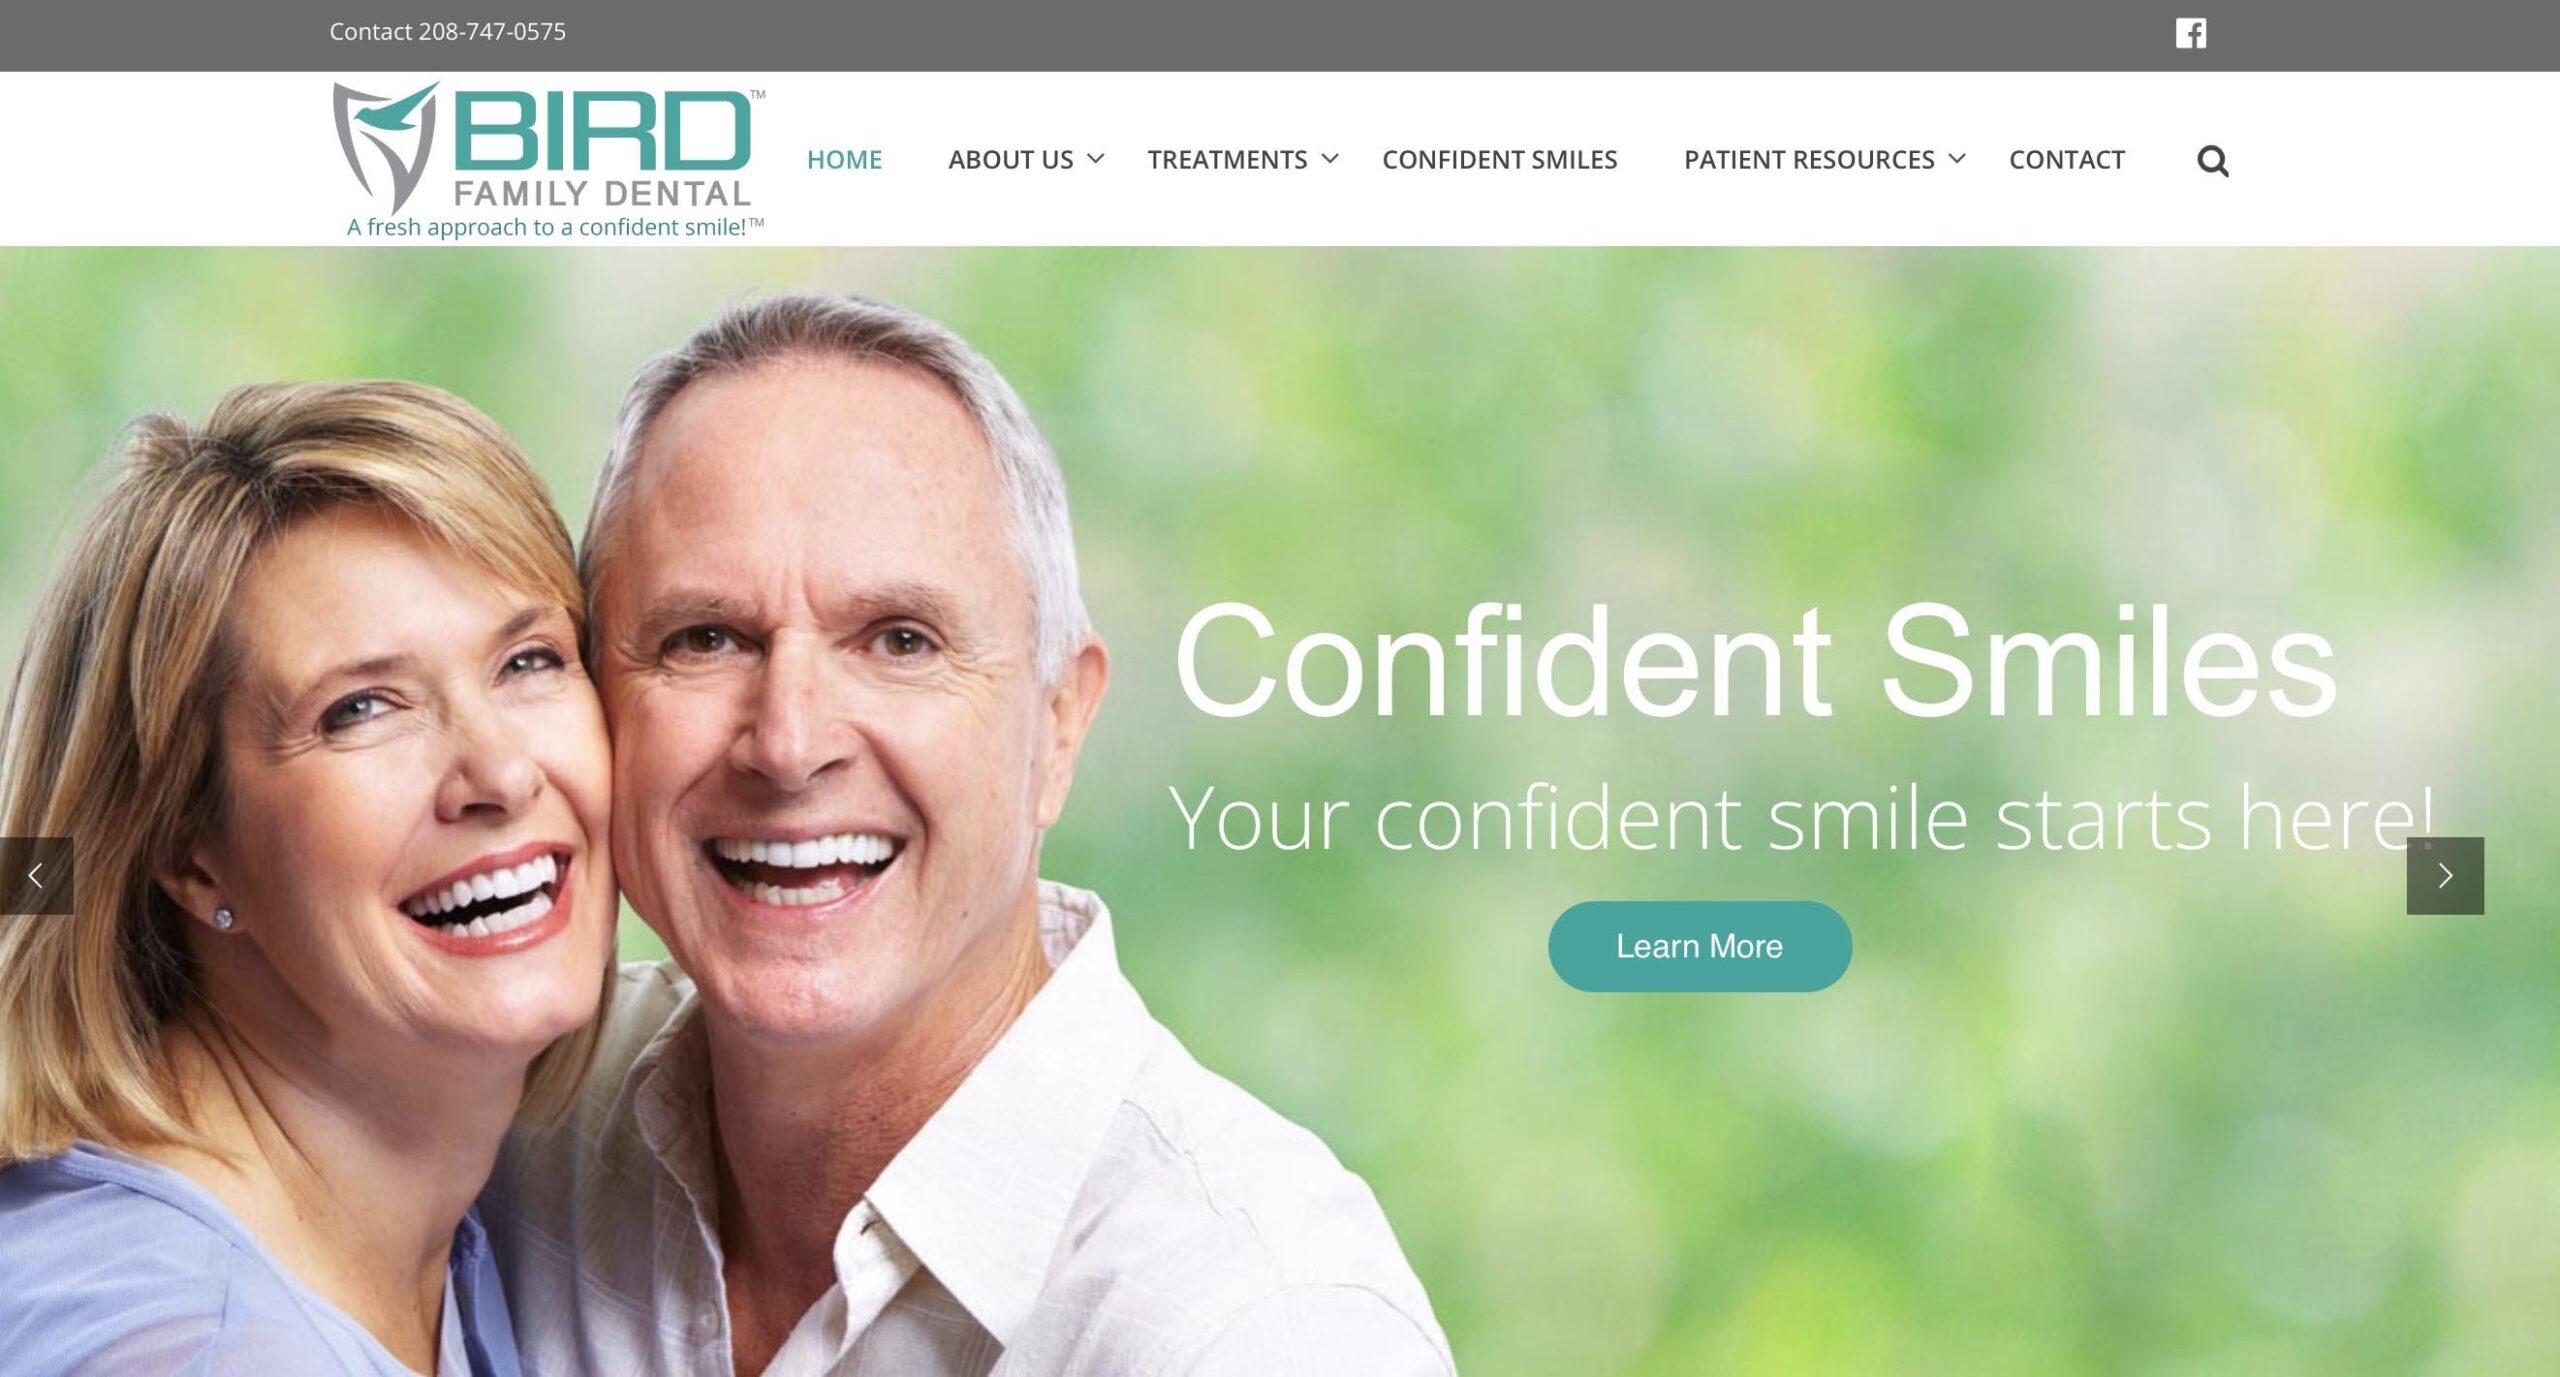 Marketing consultant - website developer project for Bird Family Dental